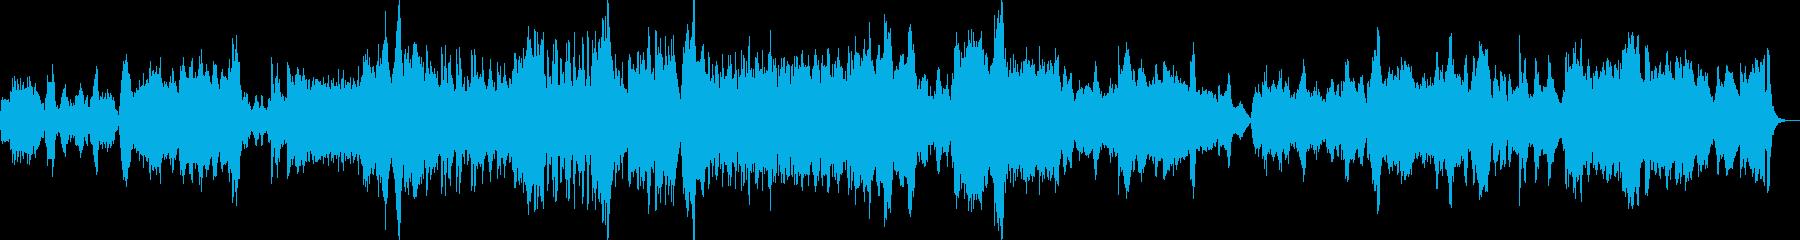 幻想的なストリングスとピアノのための曲の再生済みの波形